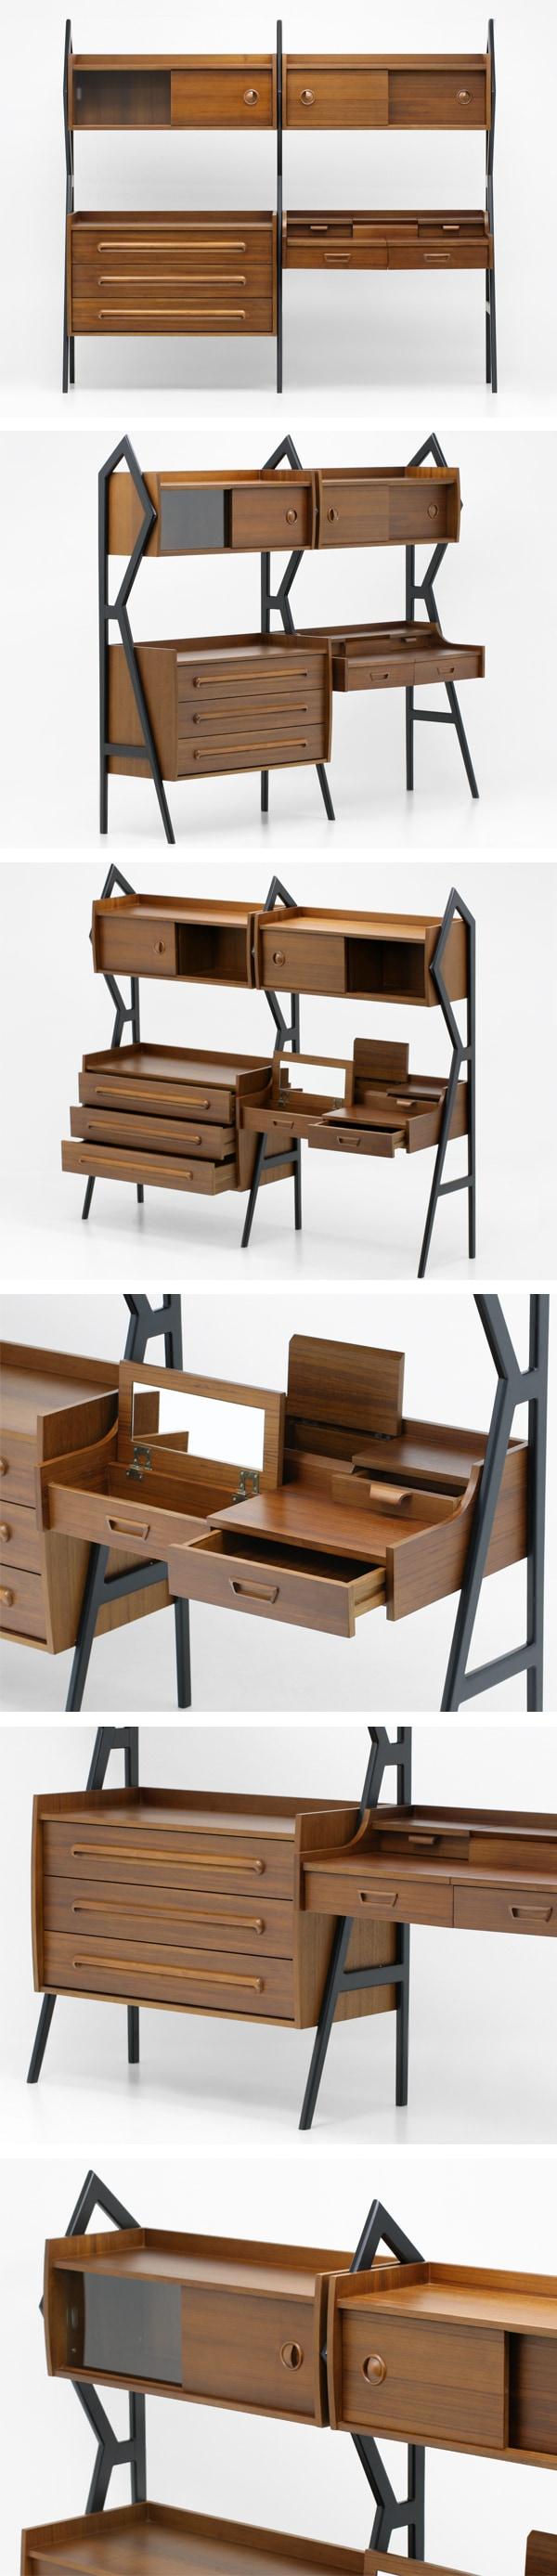 北欧デザイン家具,チーク材,キャビネット,デスク